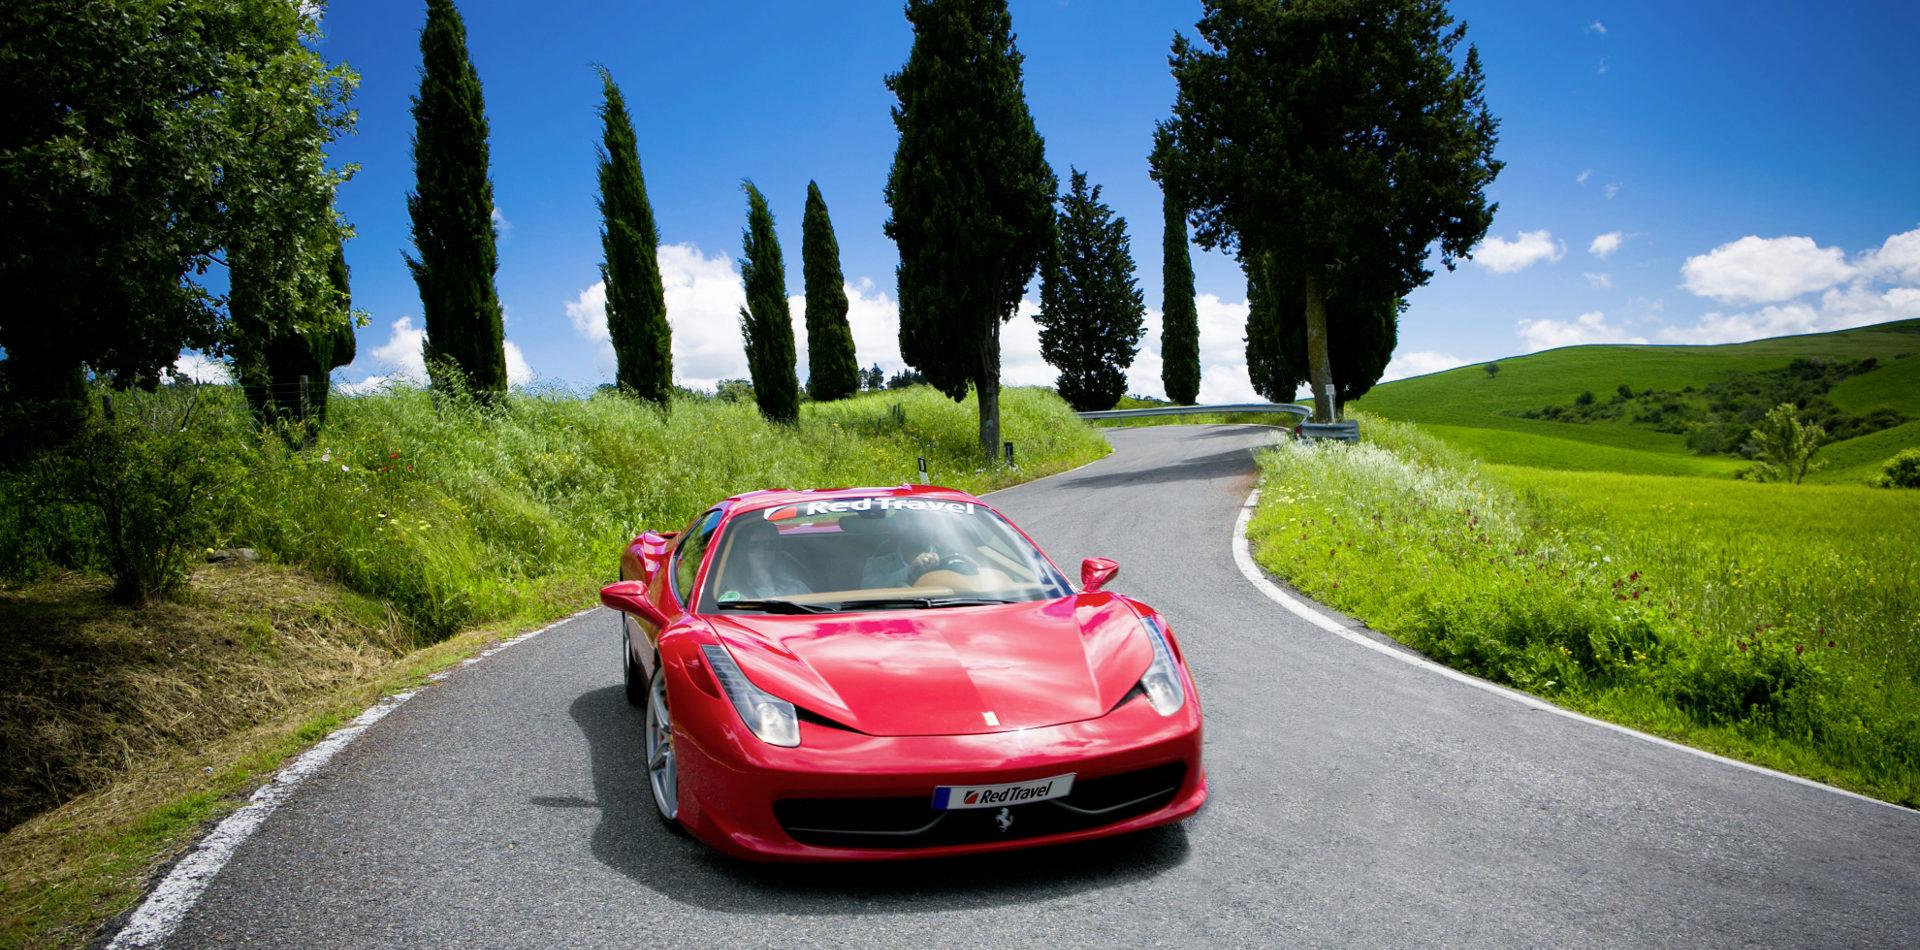 Erlebnisreise Italien mit dem Ferrari von Rom nach Florenz